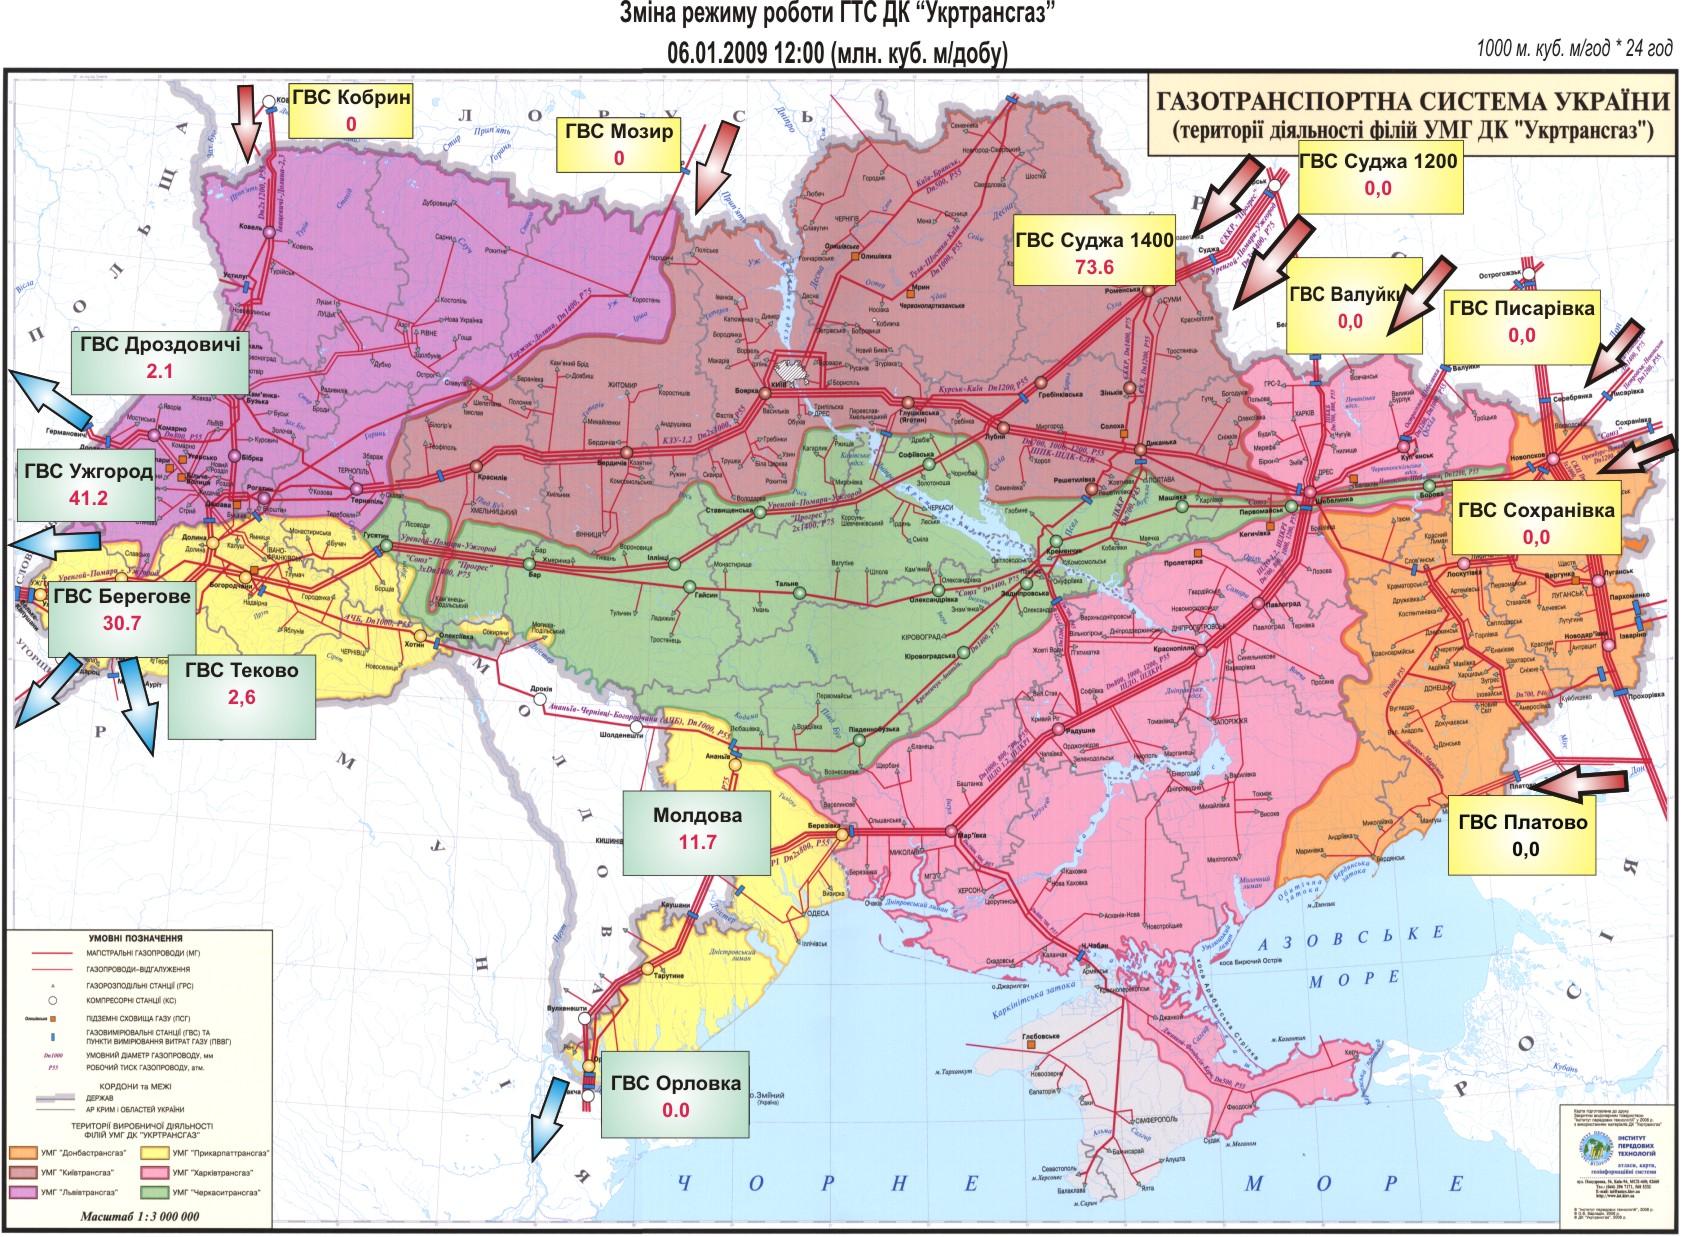 В реверсном режиме работала украинская ГТС, когда Россия остановила поставки газа Украине в 2009 г.